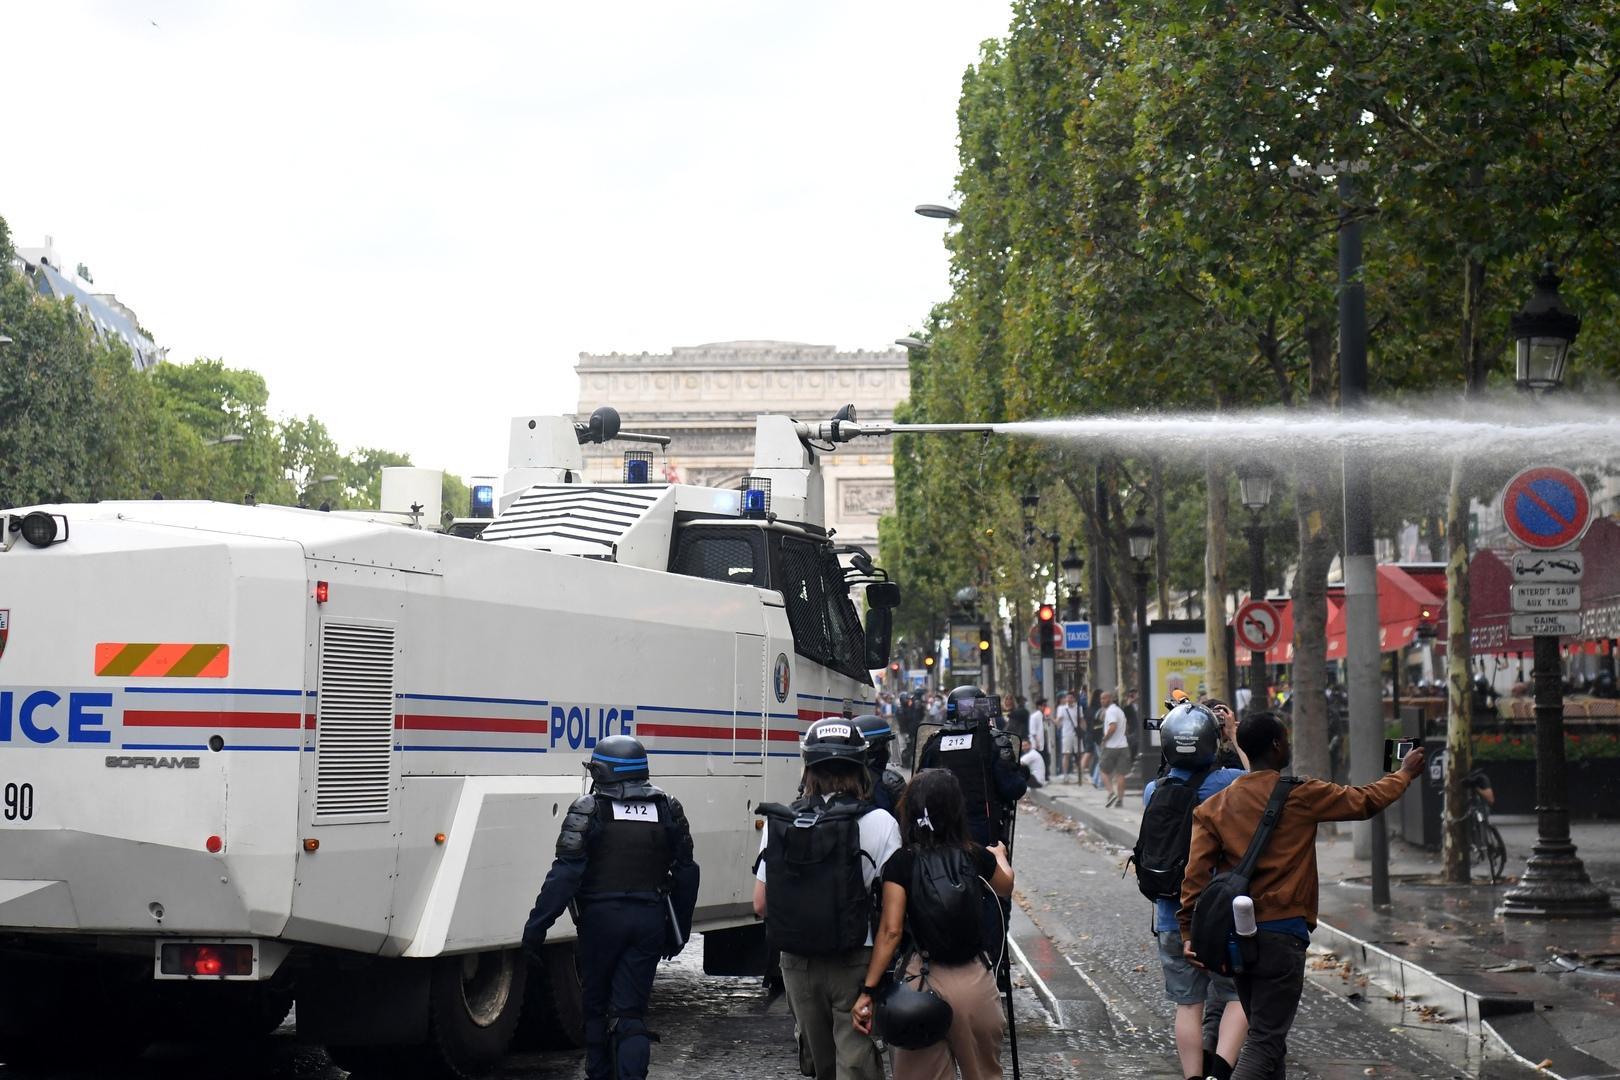 باريس.. اشتباكات عنيفة بين الشرطة ومحتجين على قيود كورونا